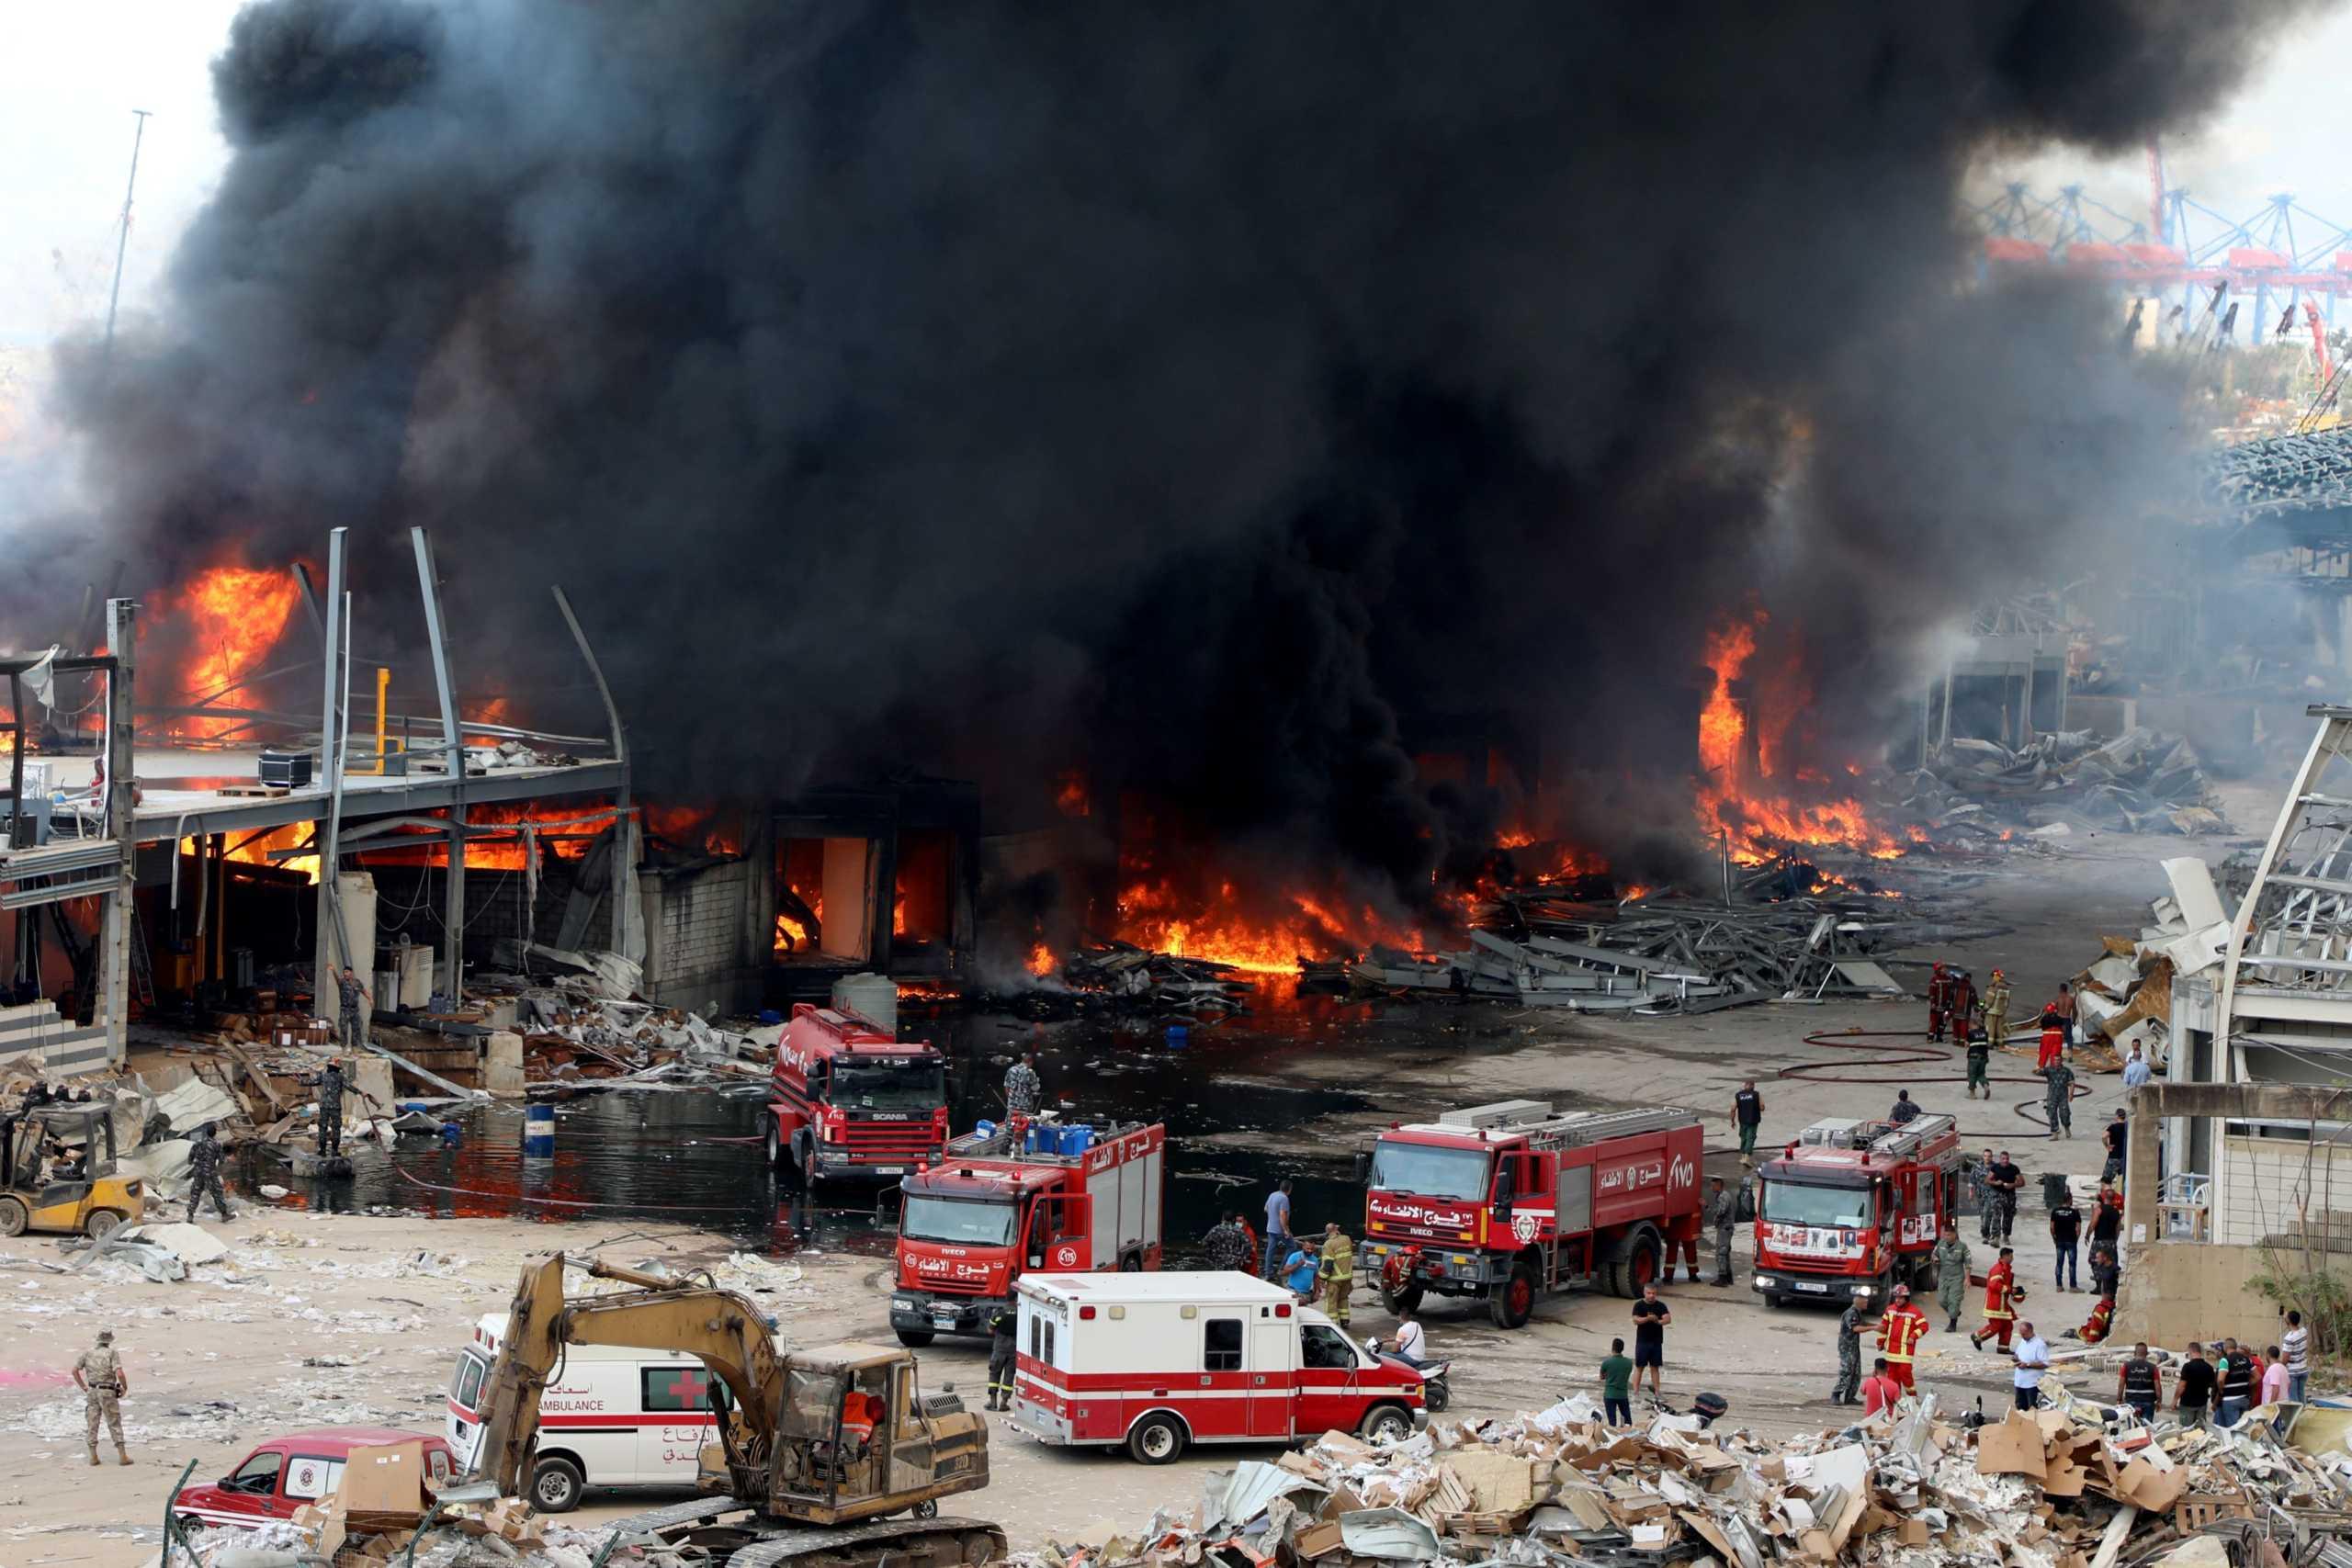 Κάηκε ανθρωπιστική βοήθεια για τη Βηρυτό από τη νέα μεγάλη φωτιά στο λιμάνι